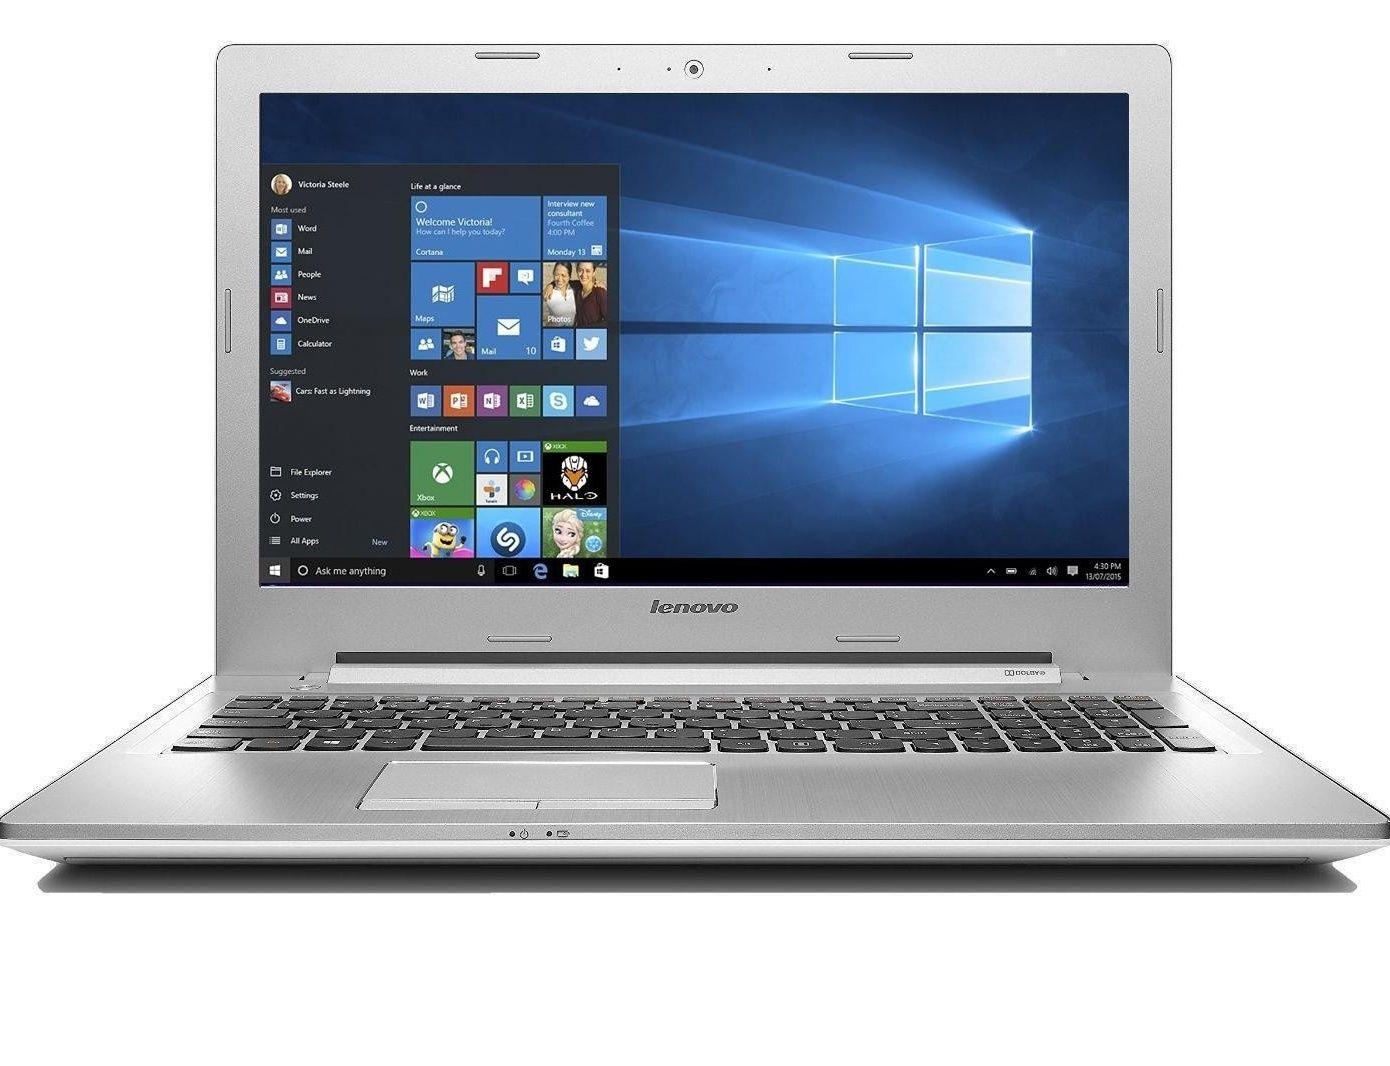 Buy Lenovo Z50-75 Full HD Quad Core Laptop in UK